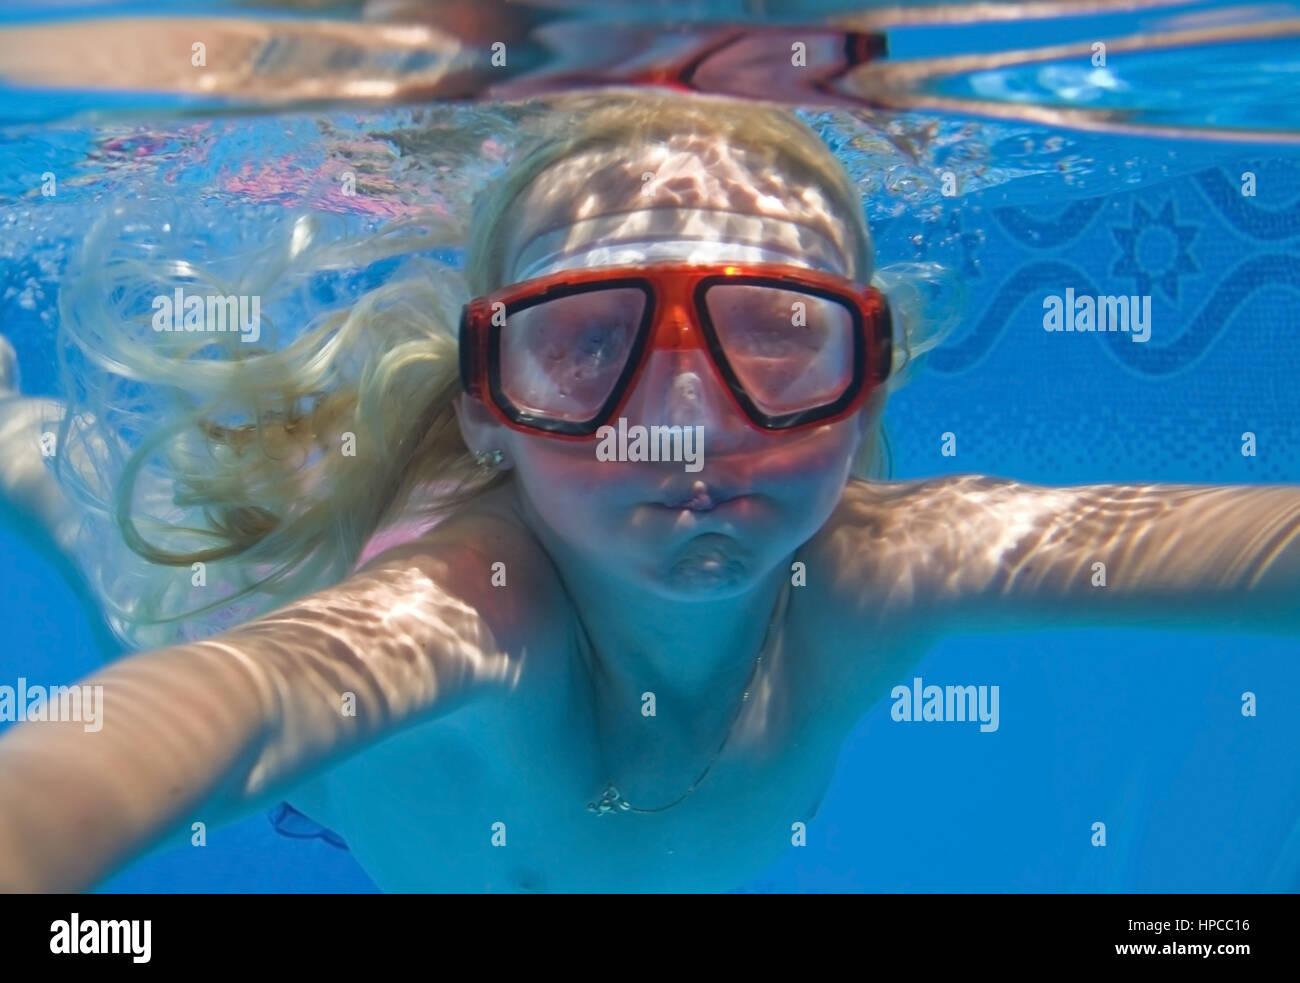 Maedchen mit Taucherbrille schwimmt Unterwasser - girl with diving googles swims under water Stock Photo